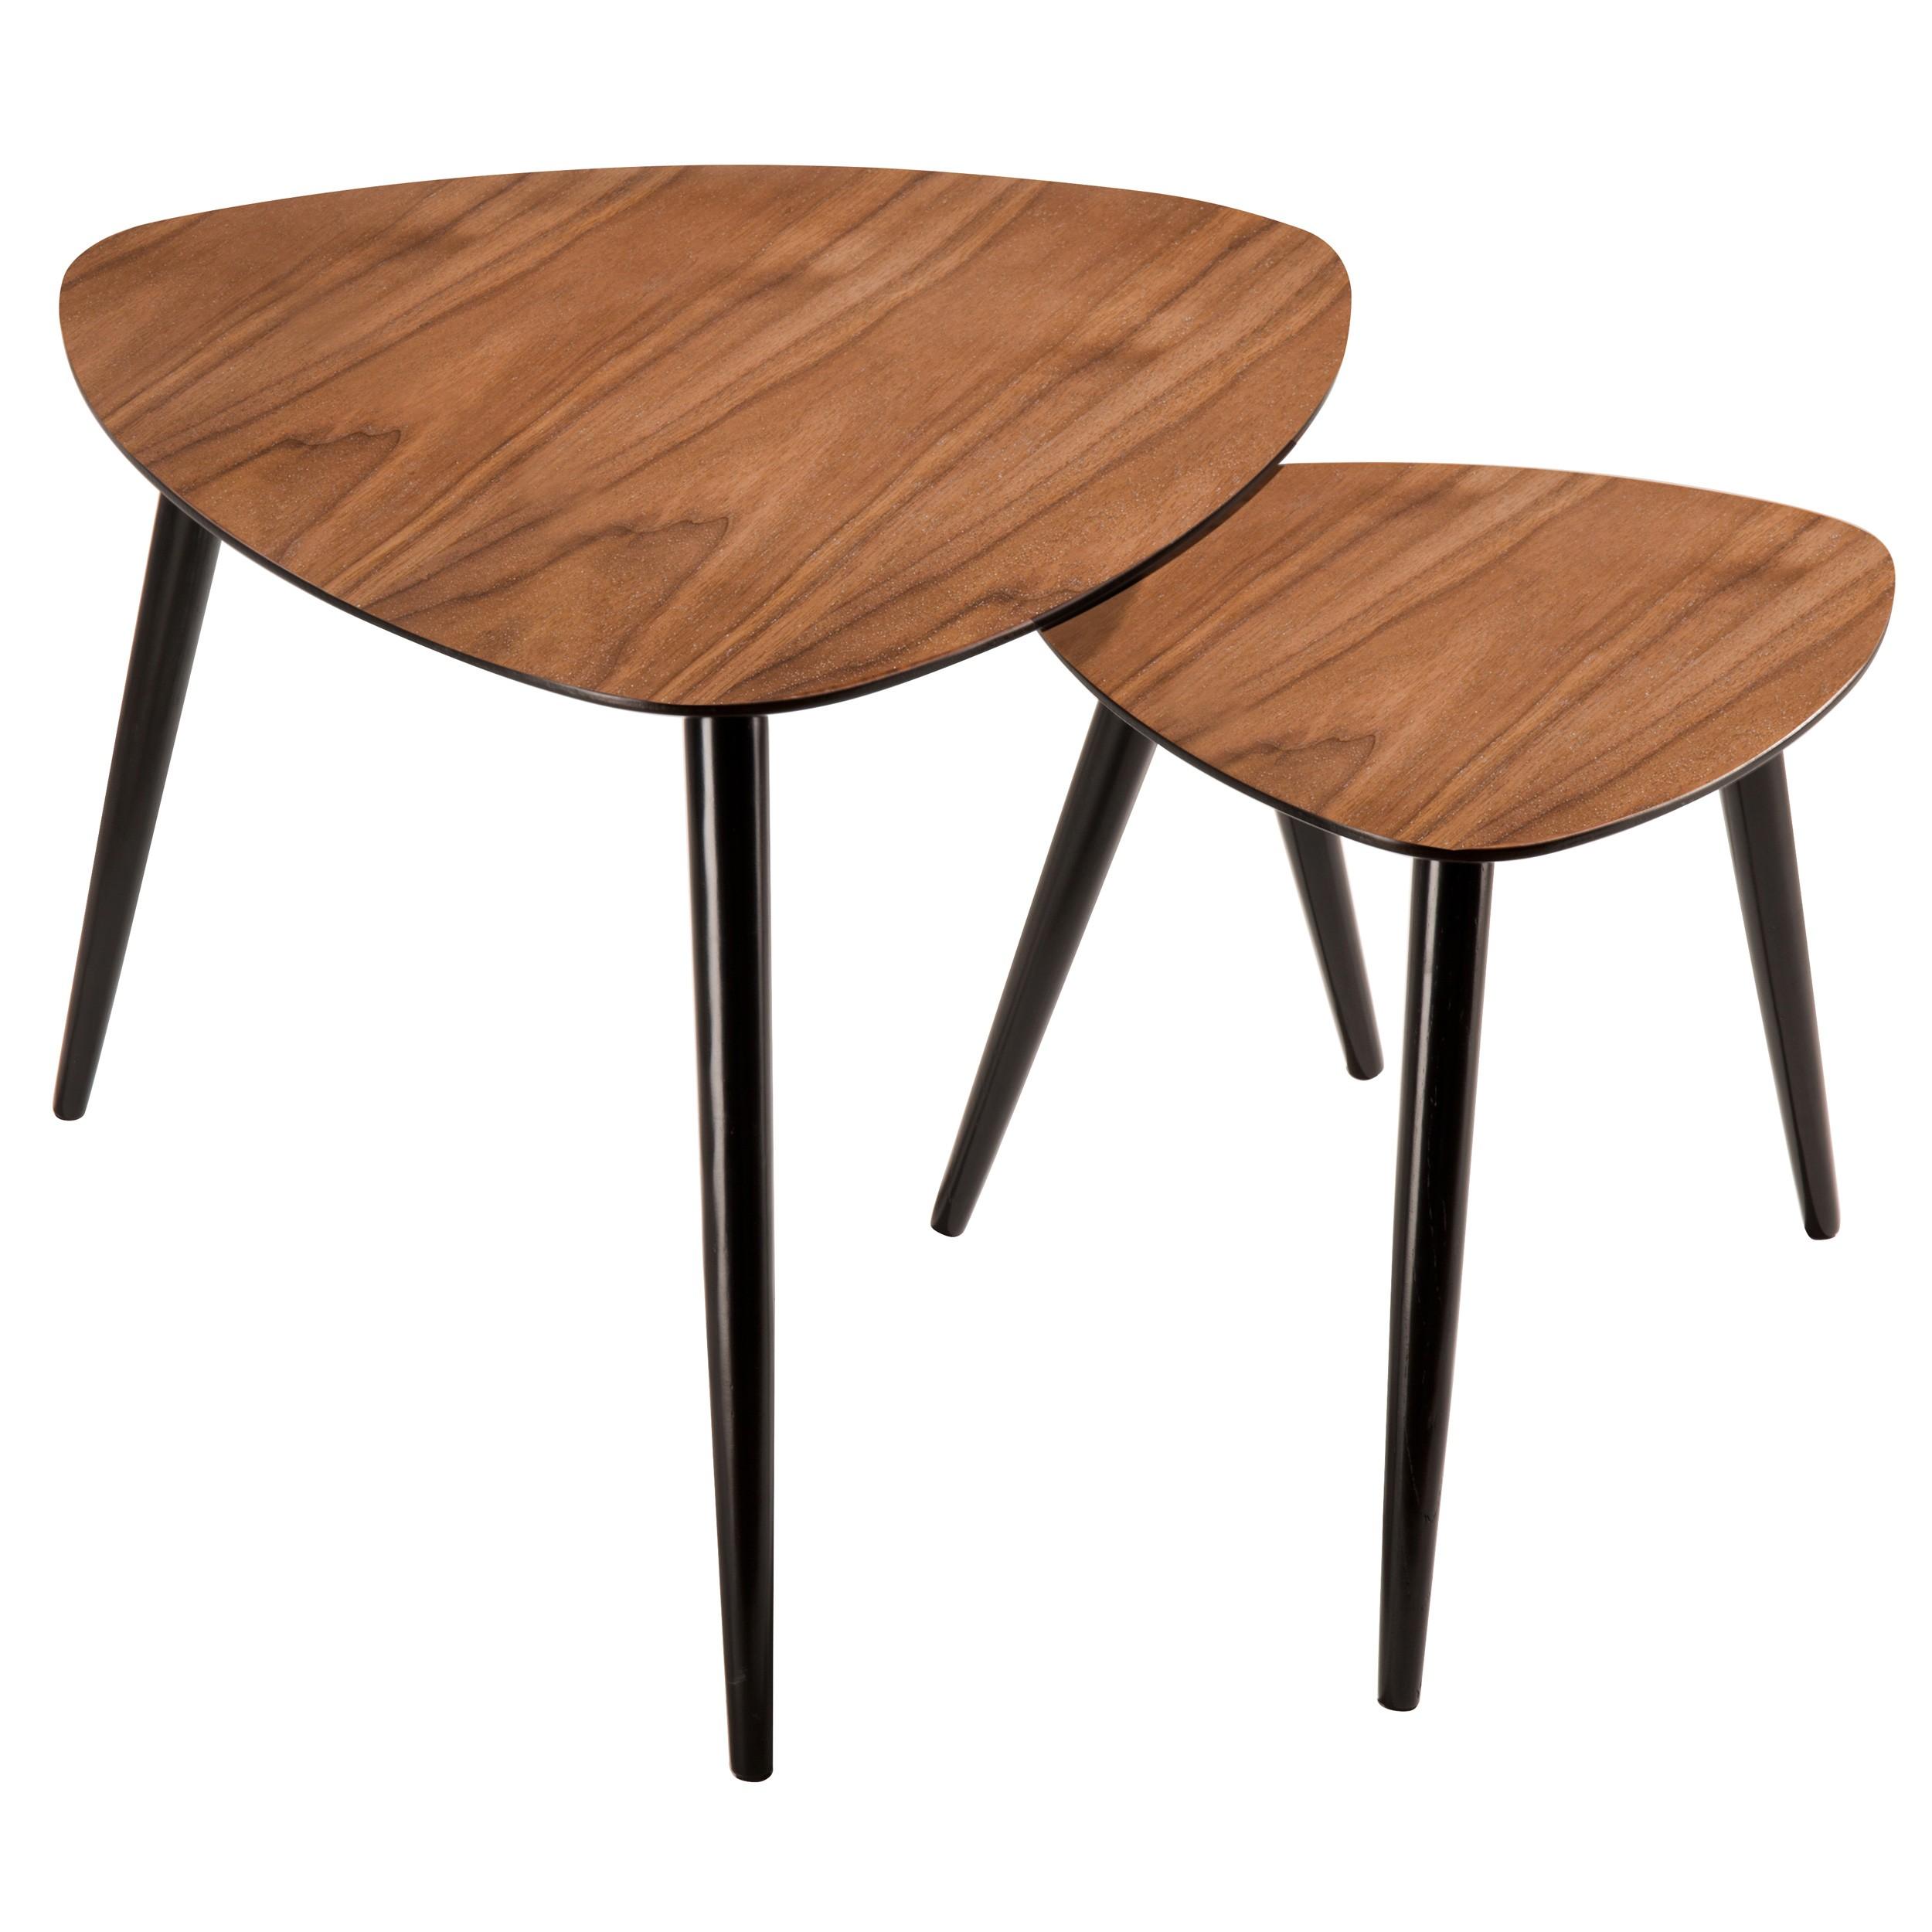 Table Basse Scandinave En Bois Lot De 2 Commandez Nos Tables